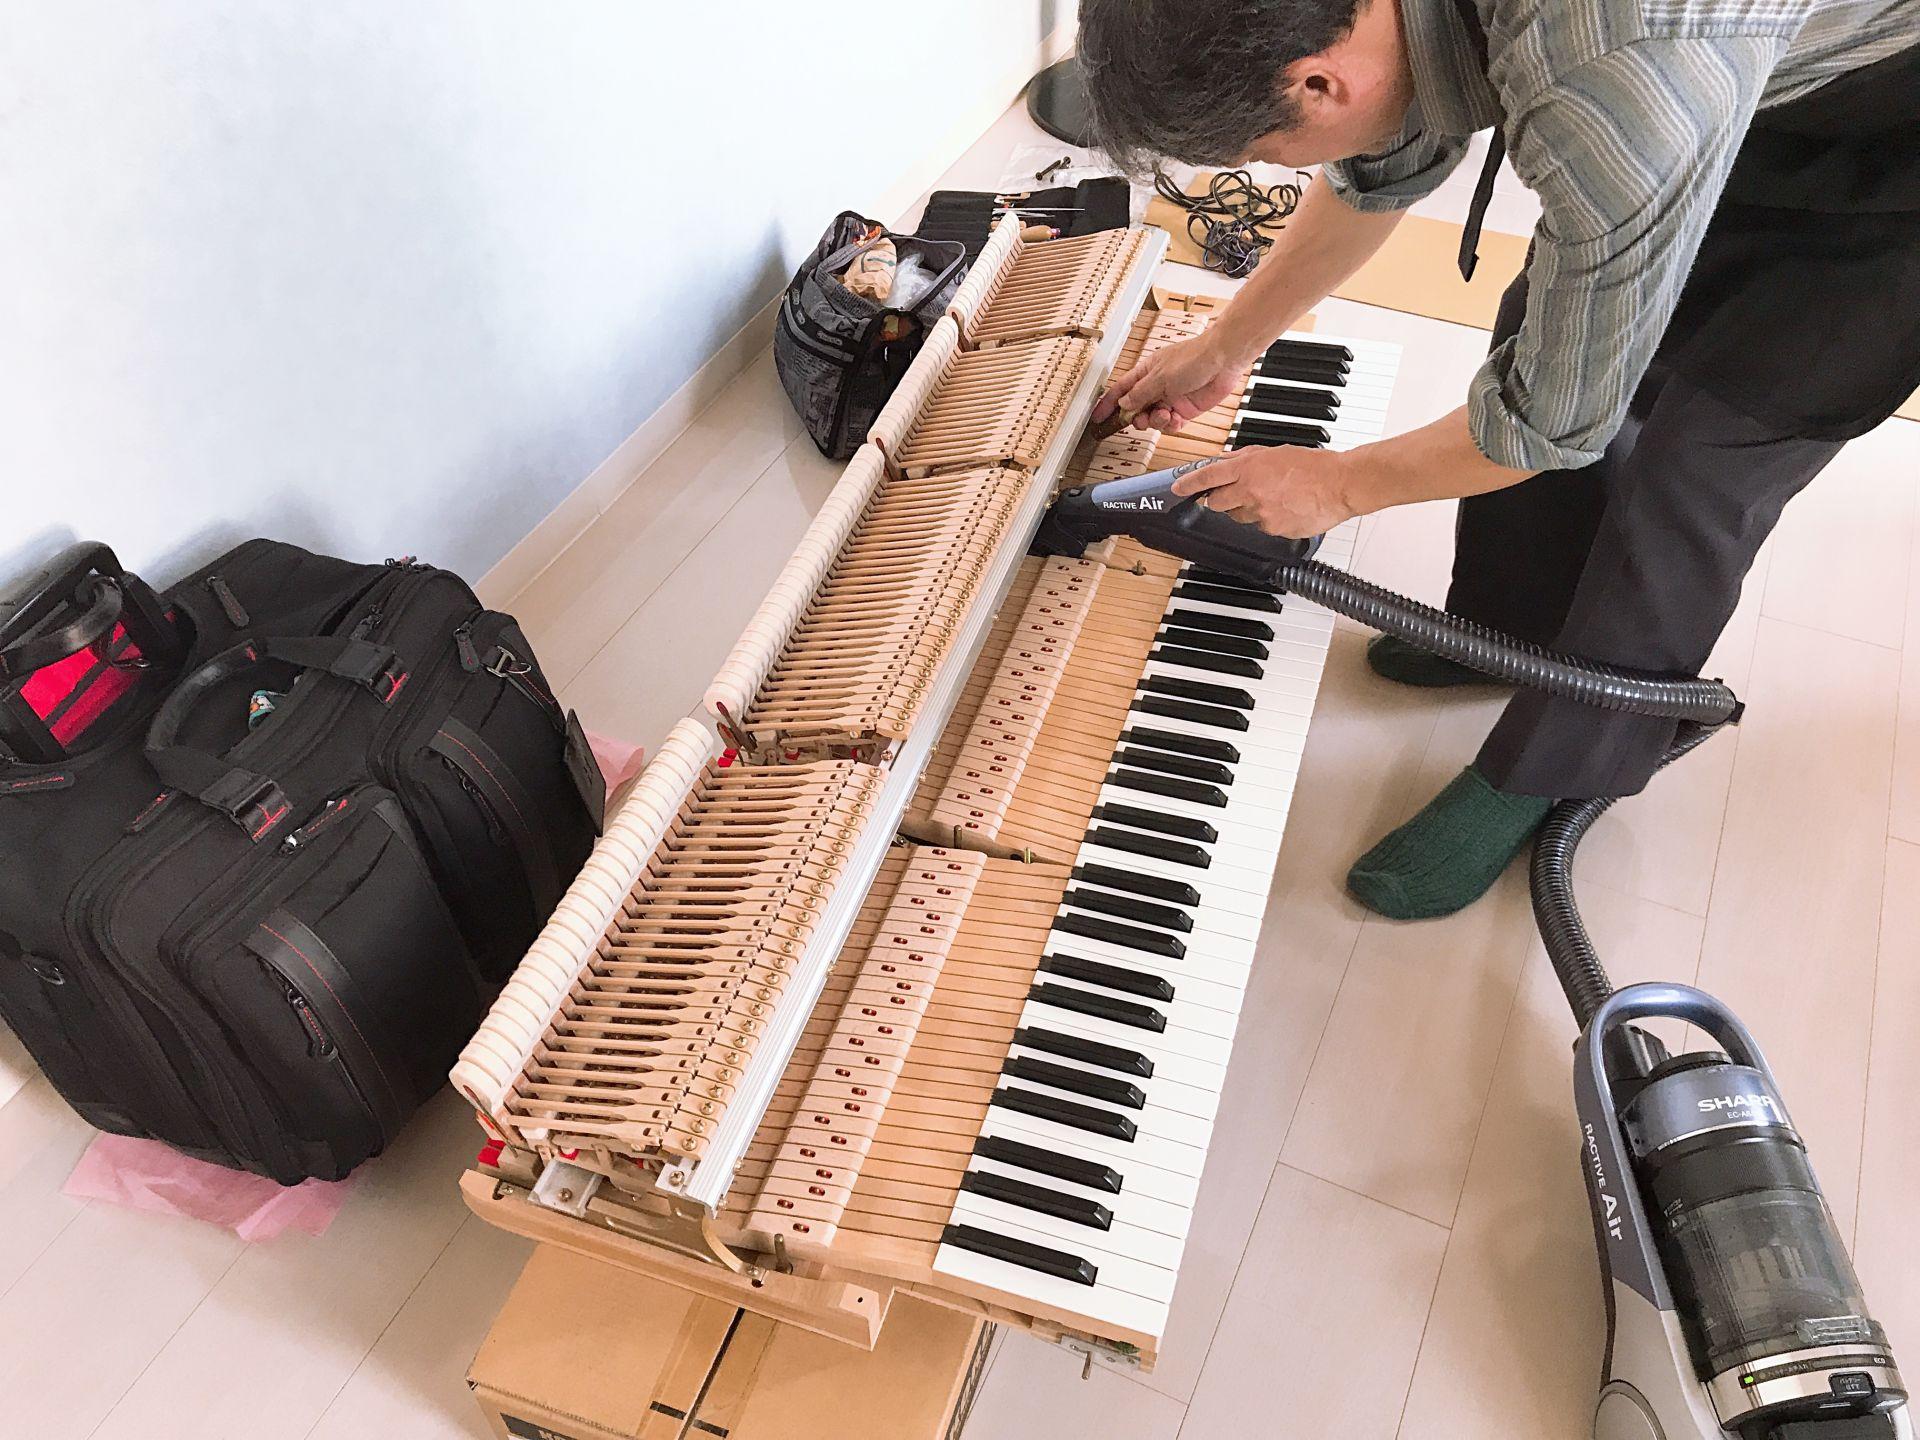 ピアノ内のクリーニング